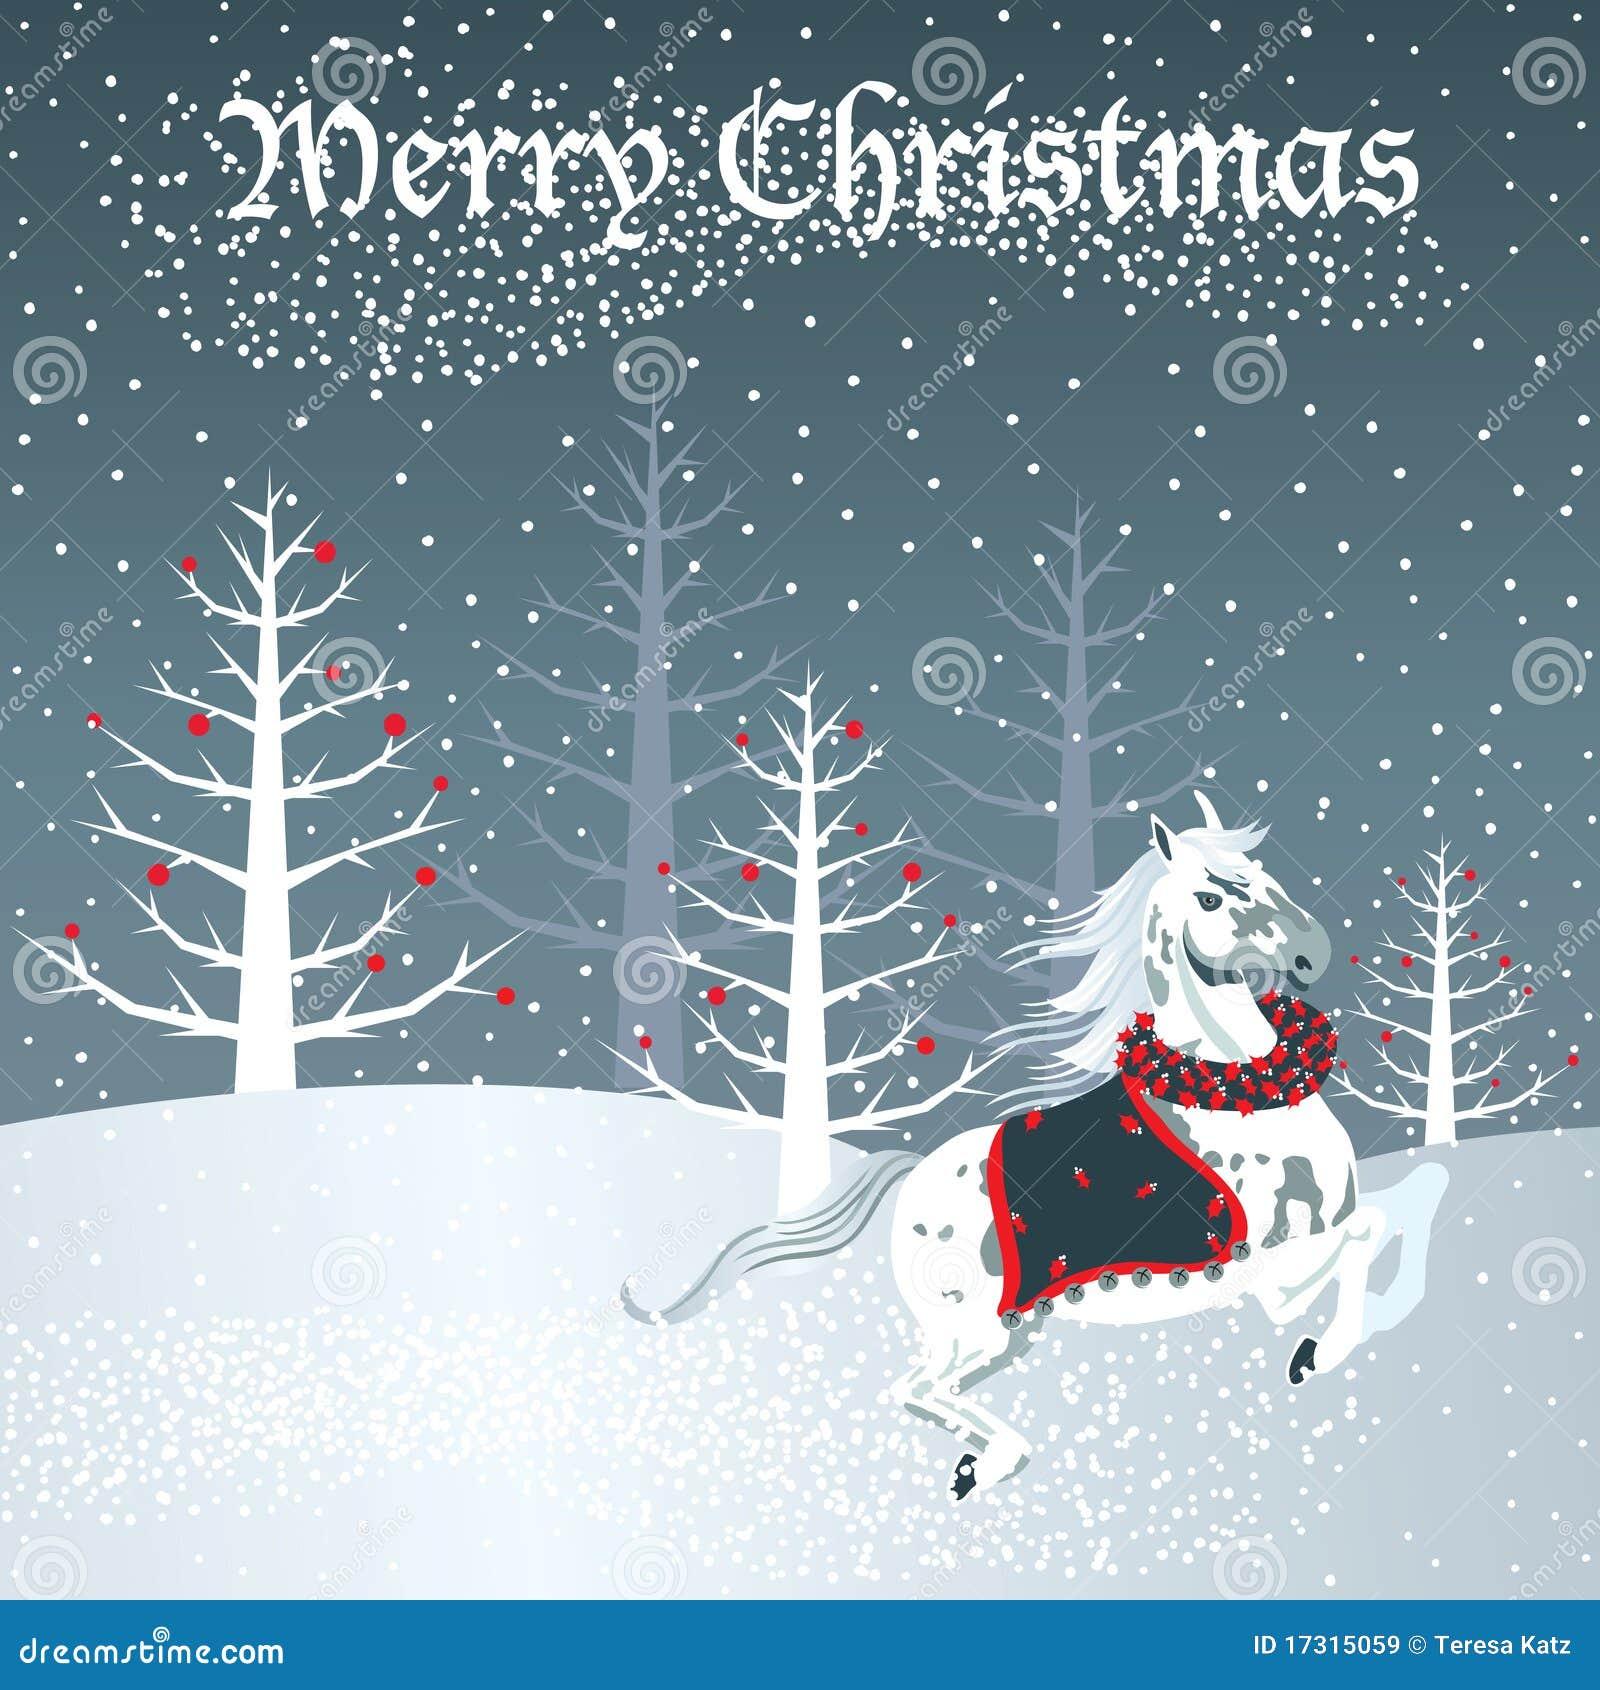 Weihnachtspferd Mit Schneeszene Vektor Abbildung - Illustration von ...